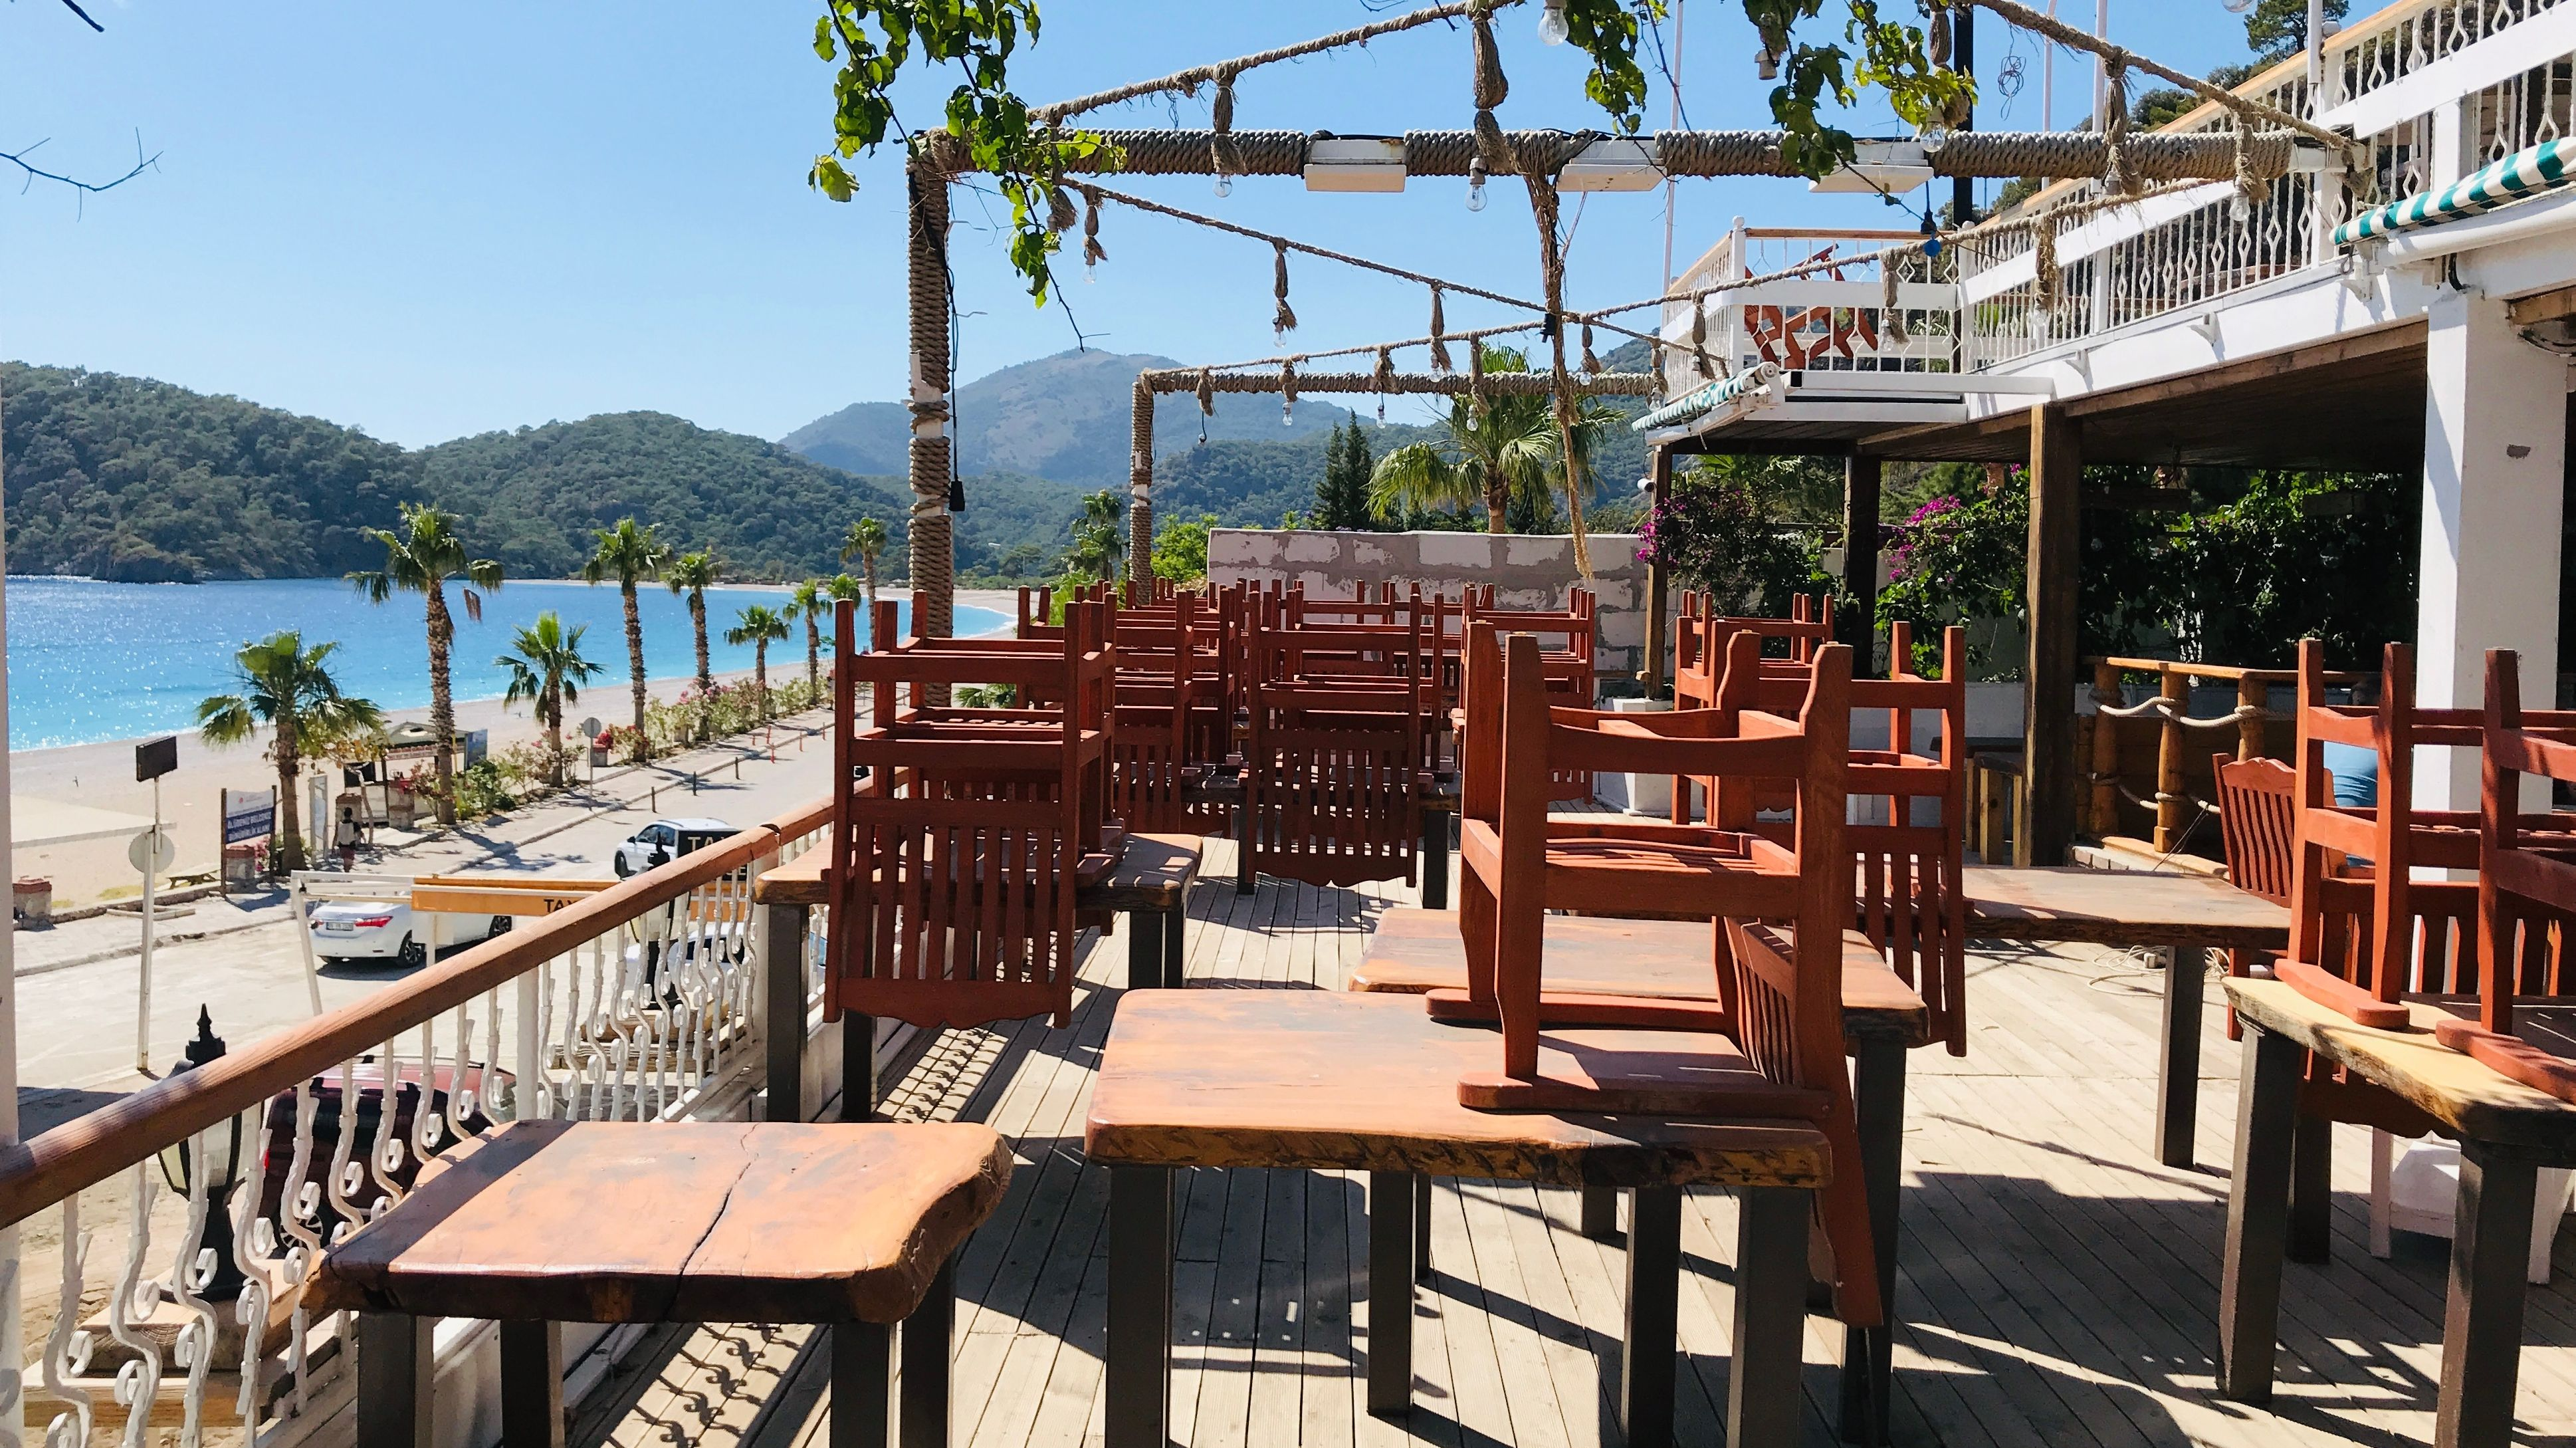 Restaurant-Terrasse eines Hotels im Küstenort Kas in der Türkei